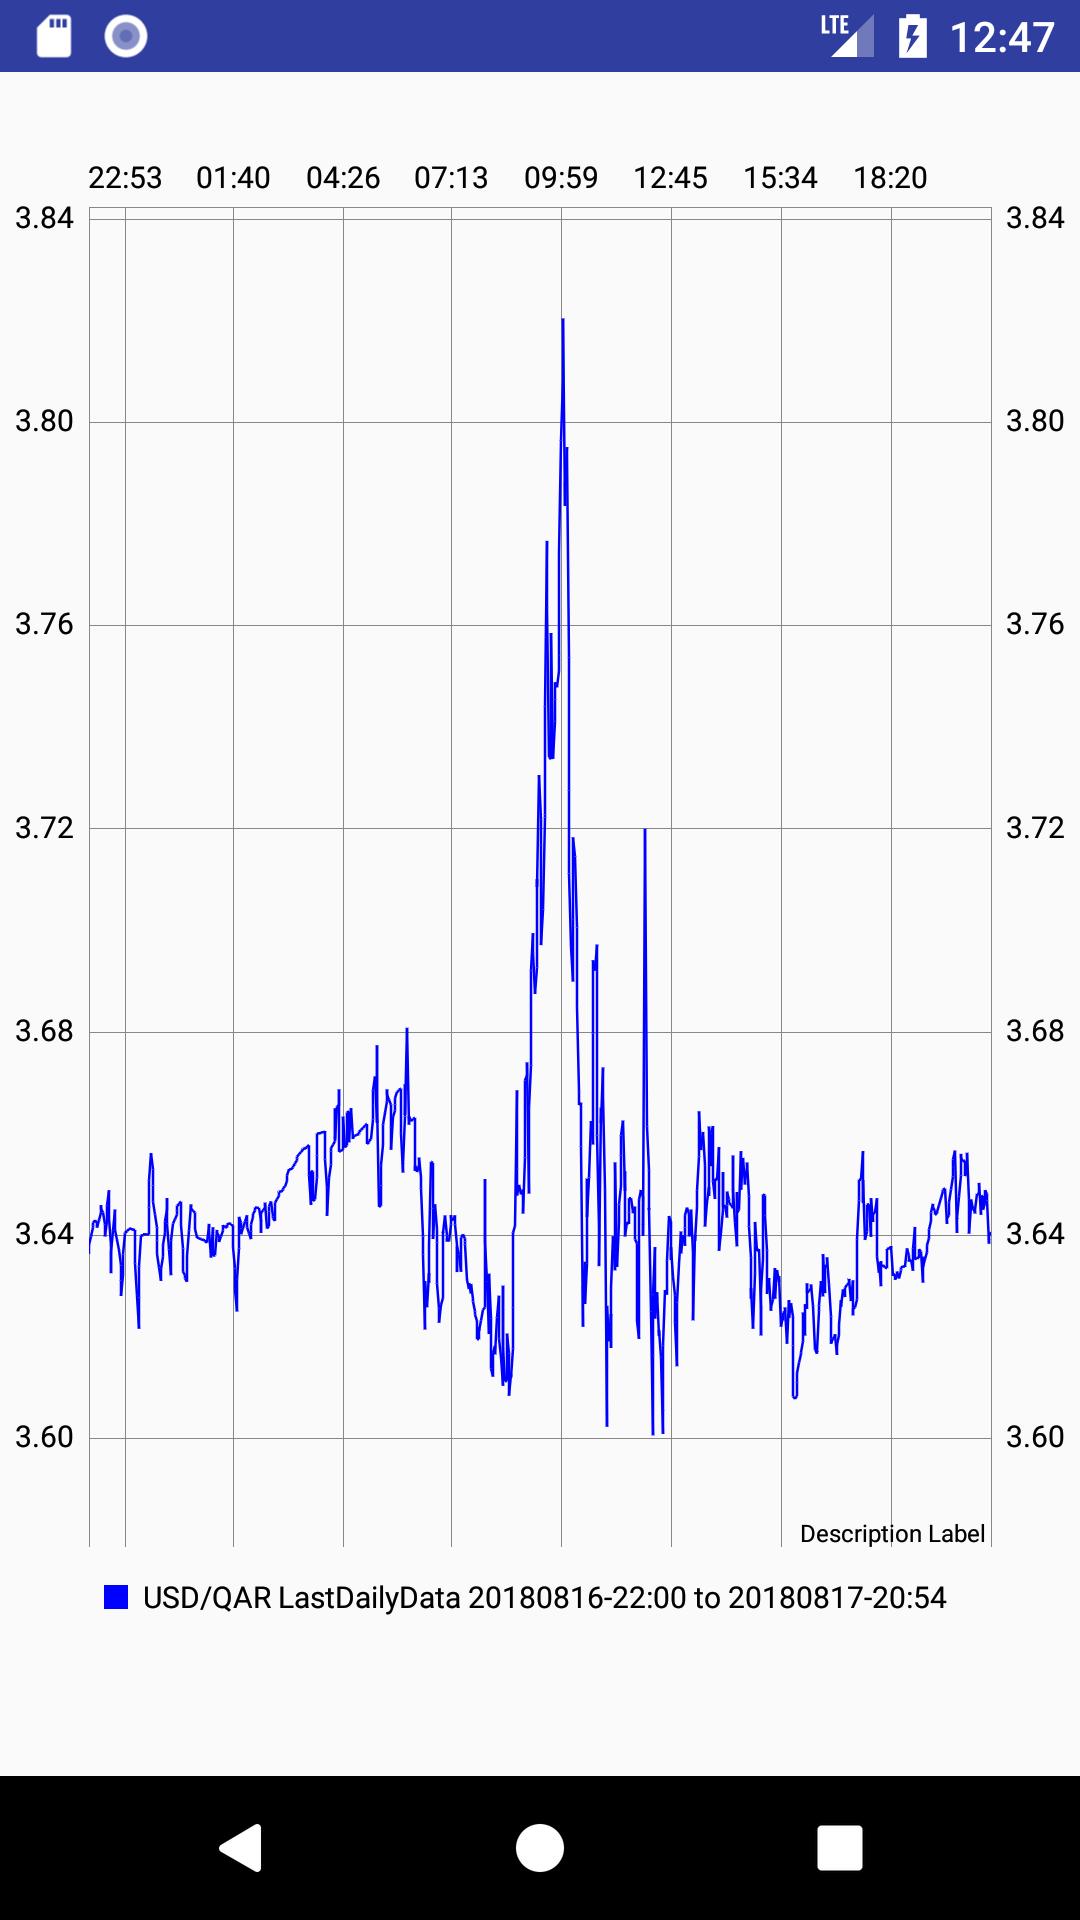 Currency Converter For Qatari Riyal (QAR)